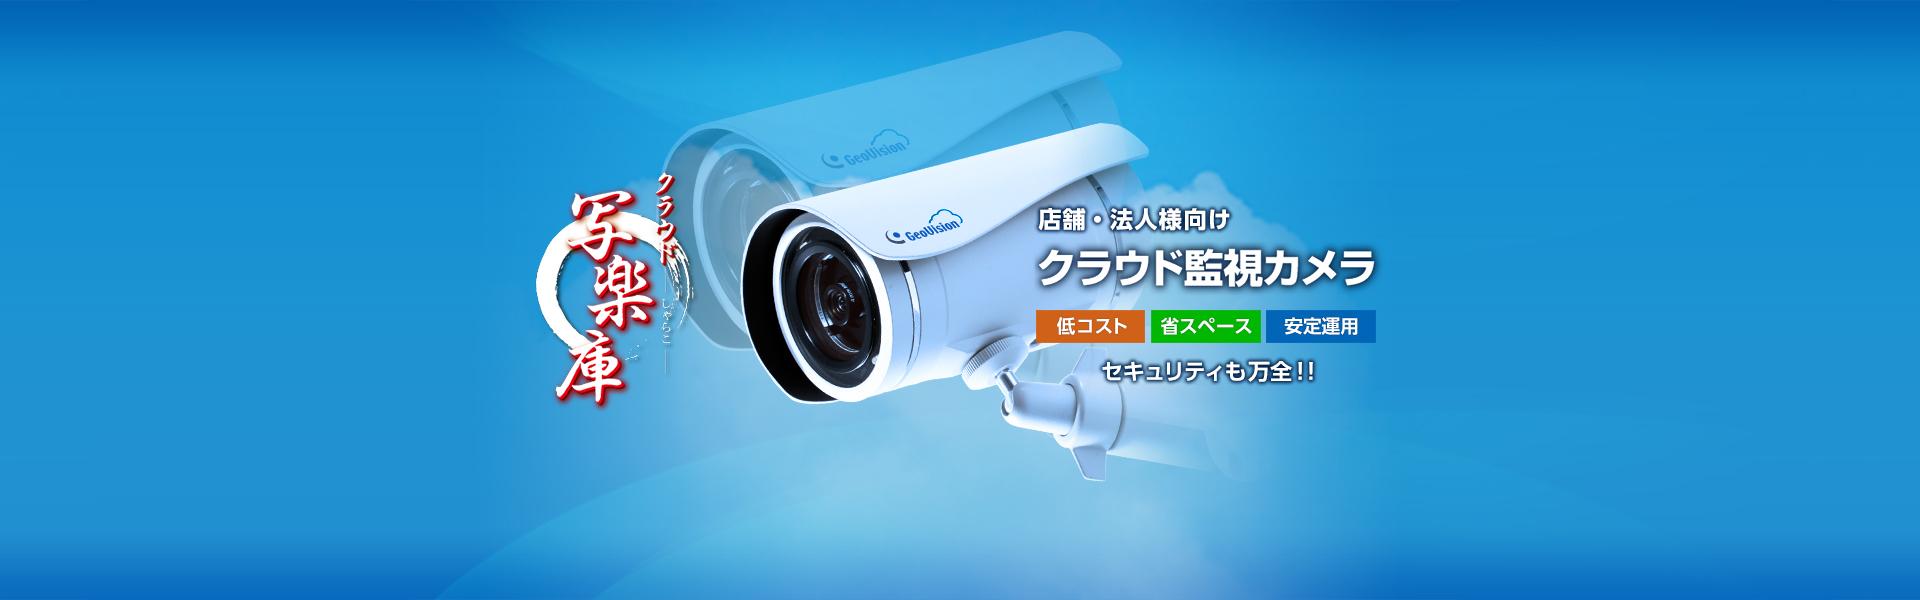 クラウド監視カメラサービス